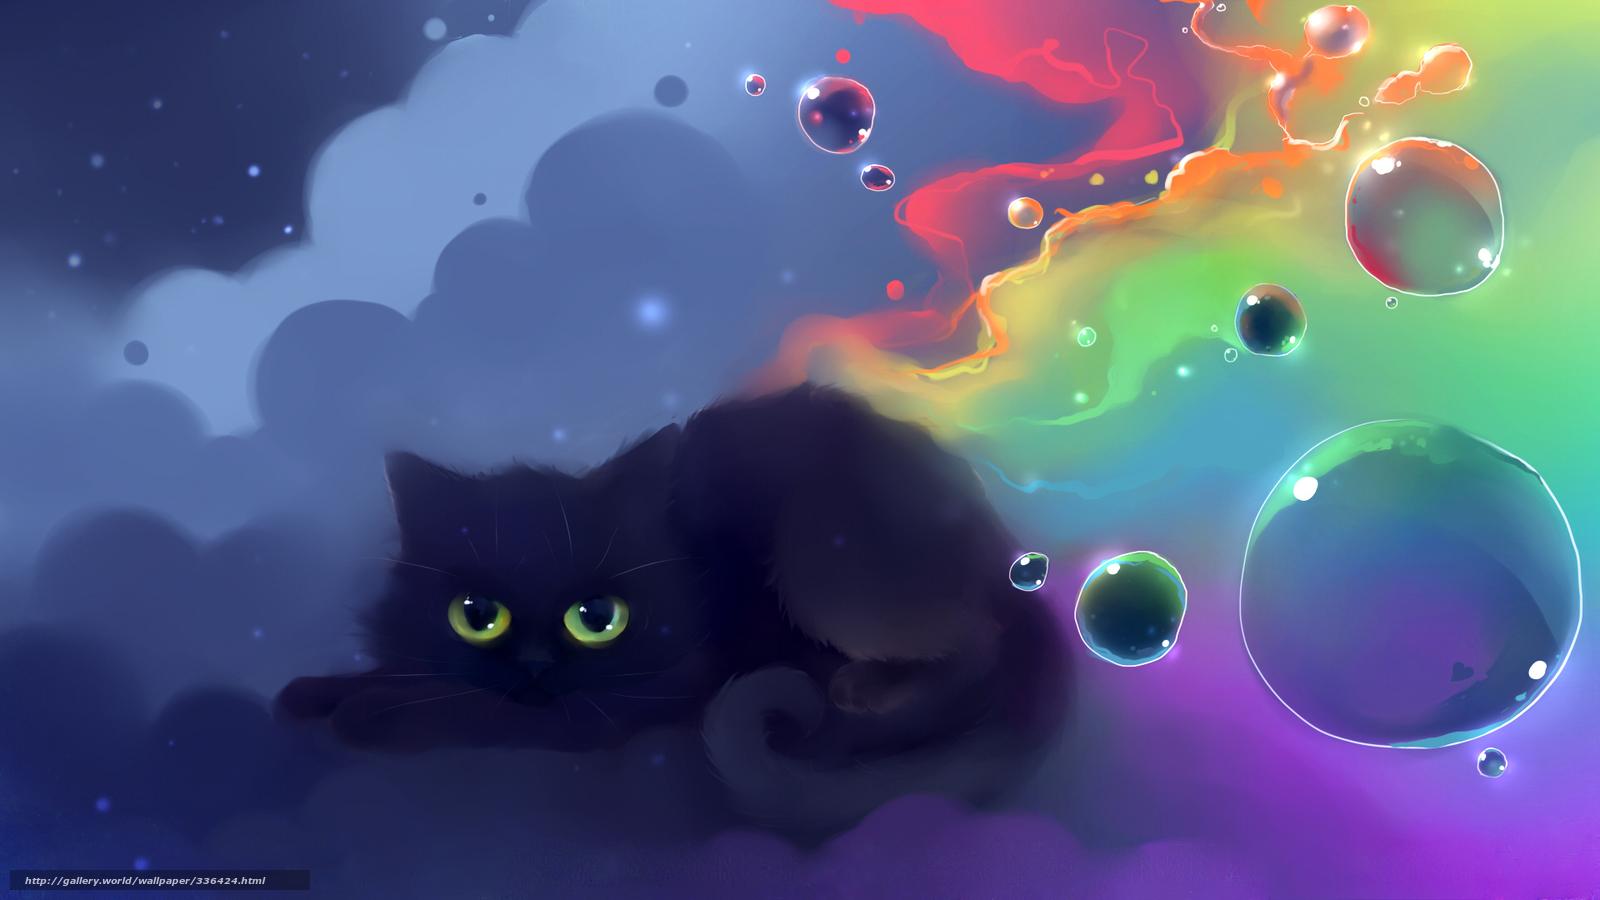 tlcharger fond d 39 ecran chat couilles couleur dessin fonds d 39 ecran gratuits pour votre. Black Bedroom Furniture Sets. Home Design Ideas